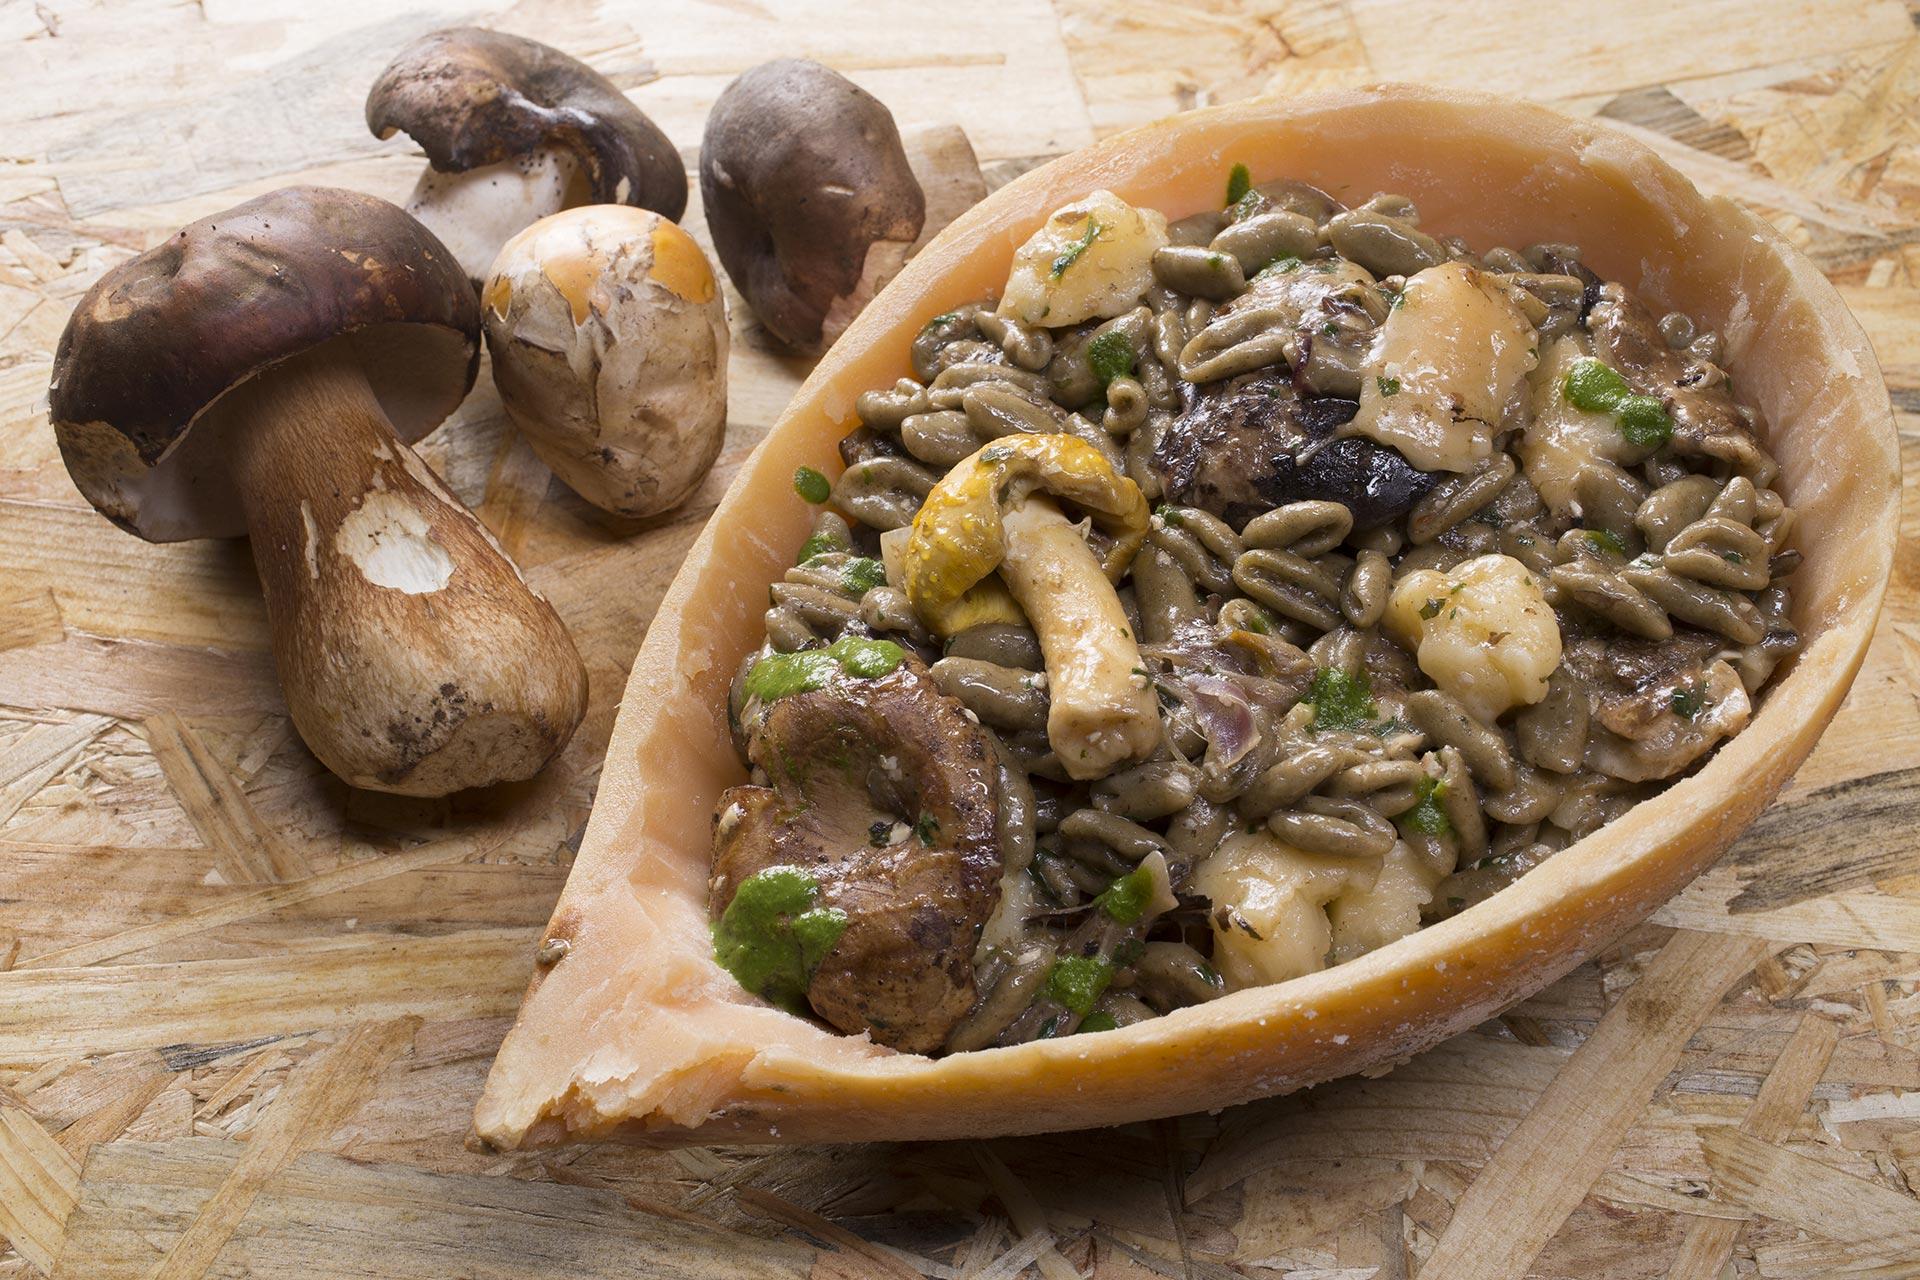 Recchi'e'ciucc di grano arso con funghi e caciocavallo prosciutto ed erbe, servito nella buccia vuota di un caciocavallo, ham and herbs,